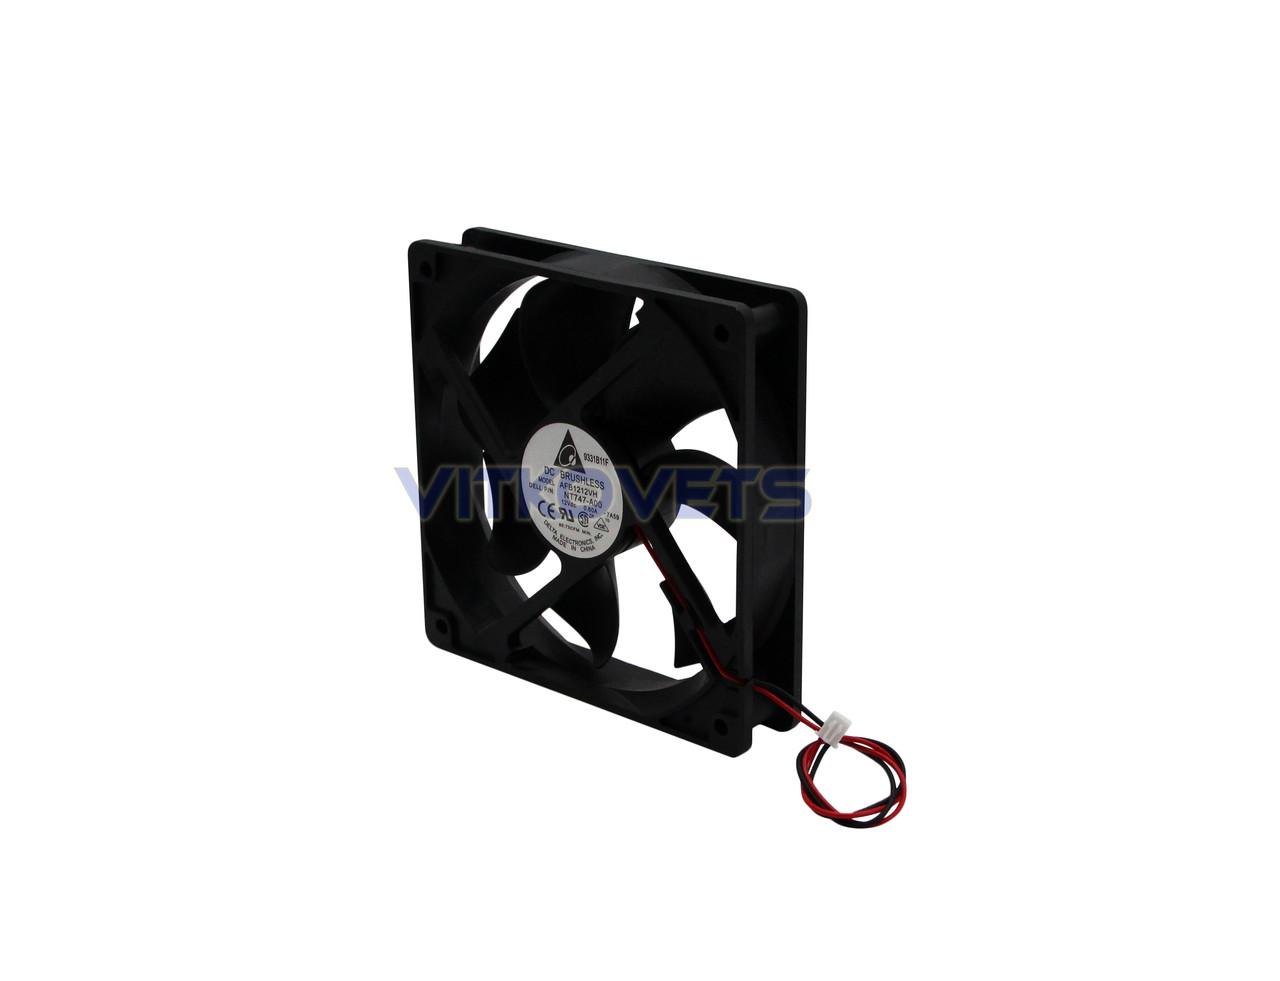 Вентилятор (кулер) 120х120, 12V, 0.60A